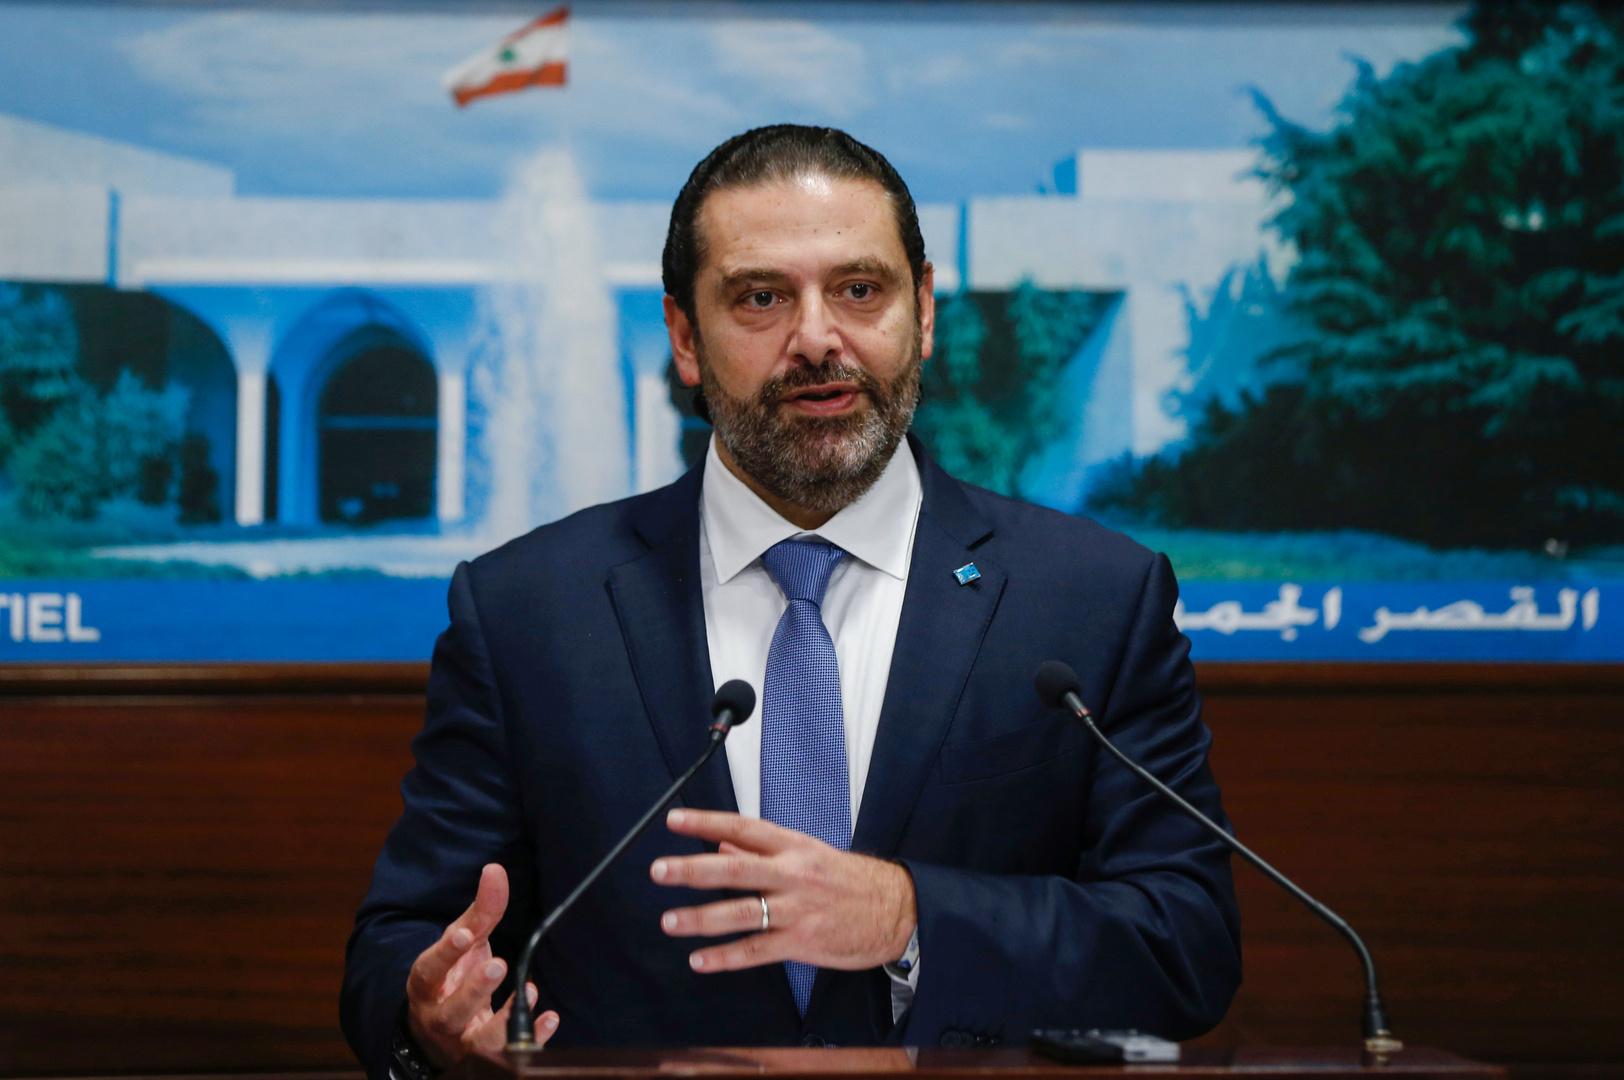 سعد الحريري، رئيس حكومة تصريف الأعمال في لبنان